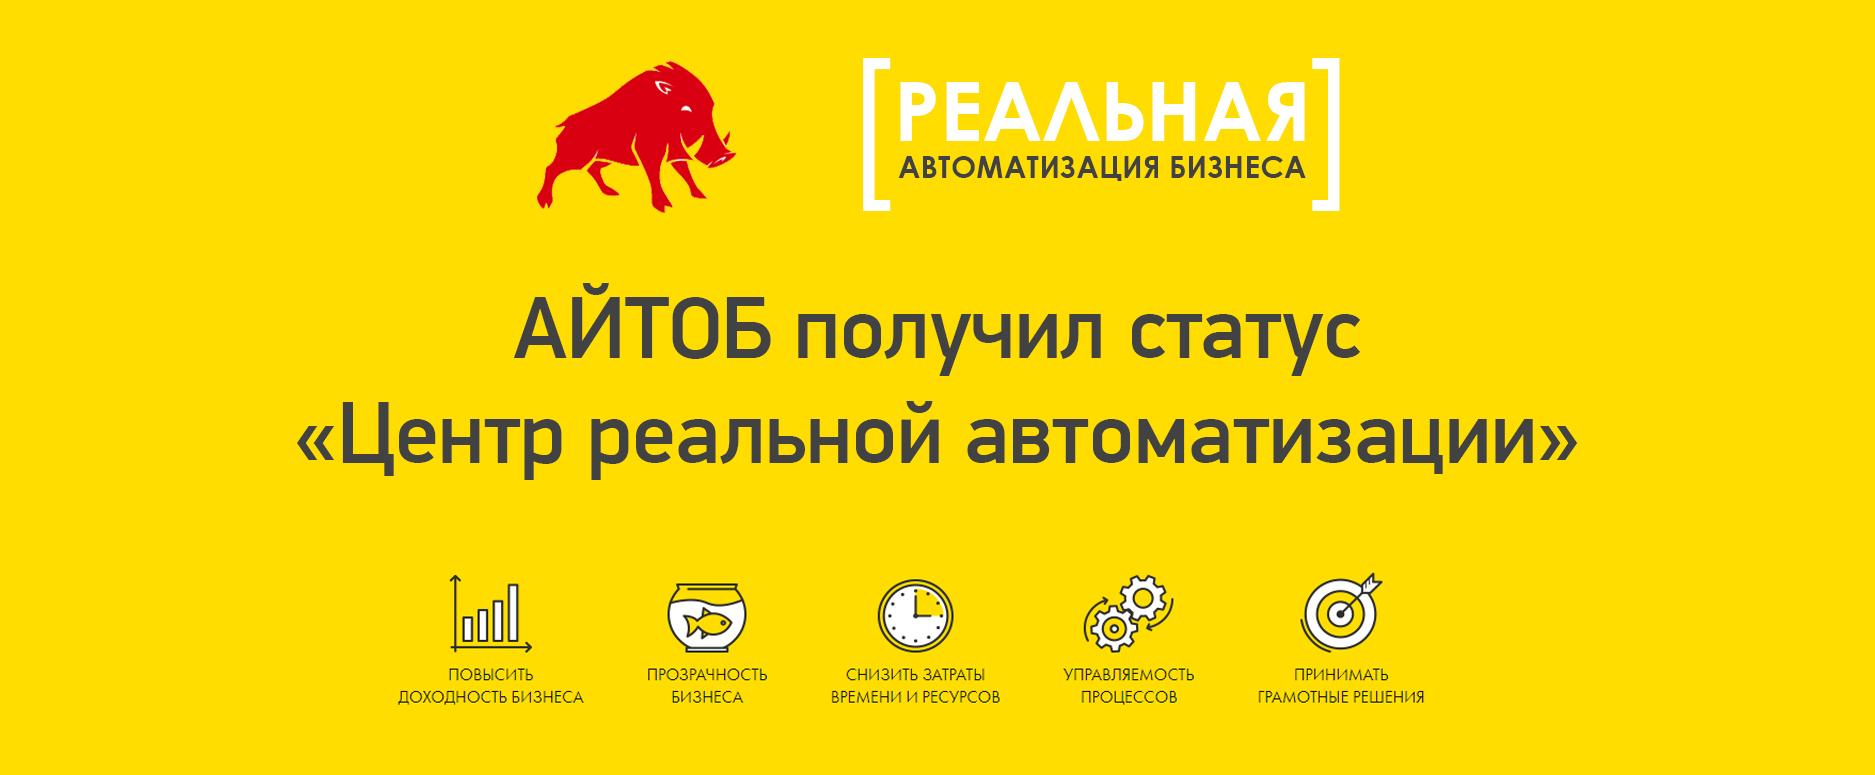 АЙТОБ получил статус «Центр реальной автоматизации»